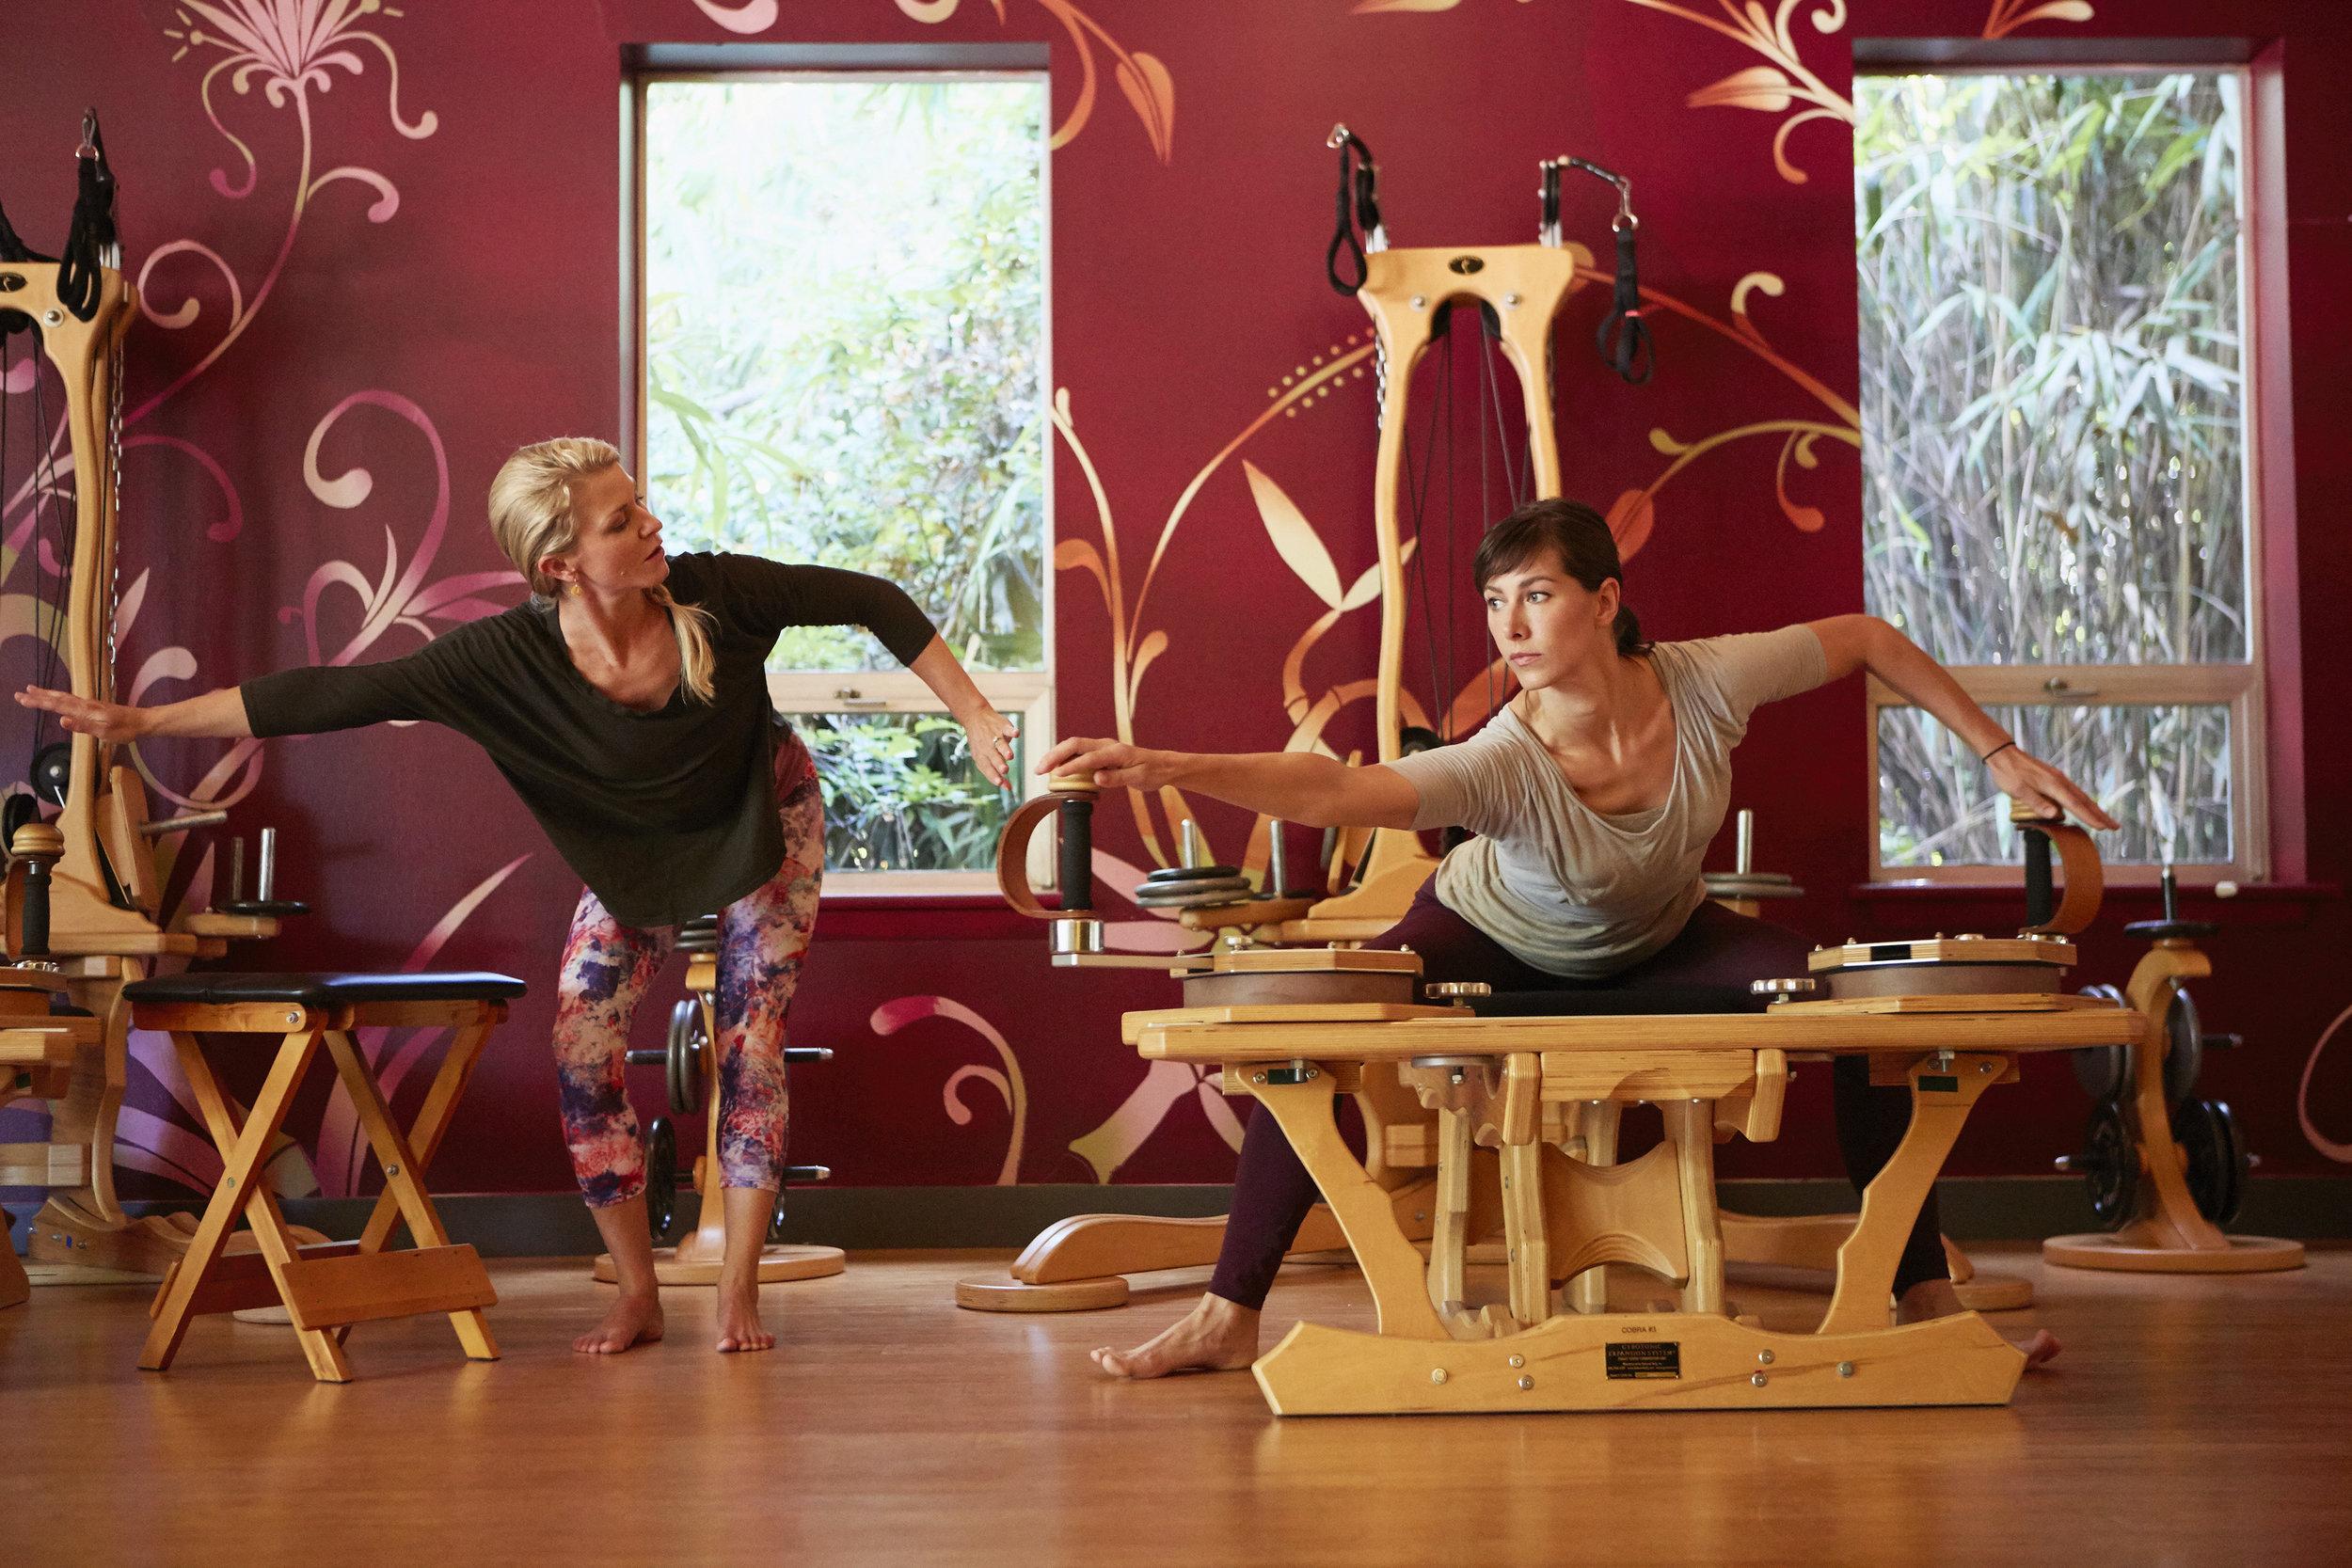 yoga-room-hayley.jpg